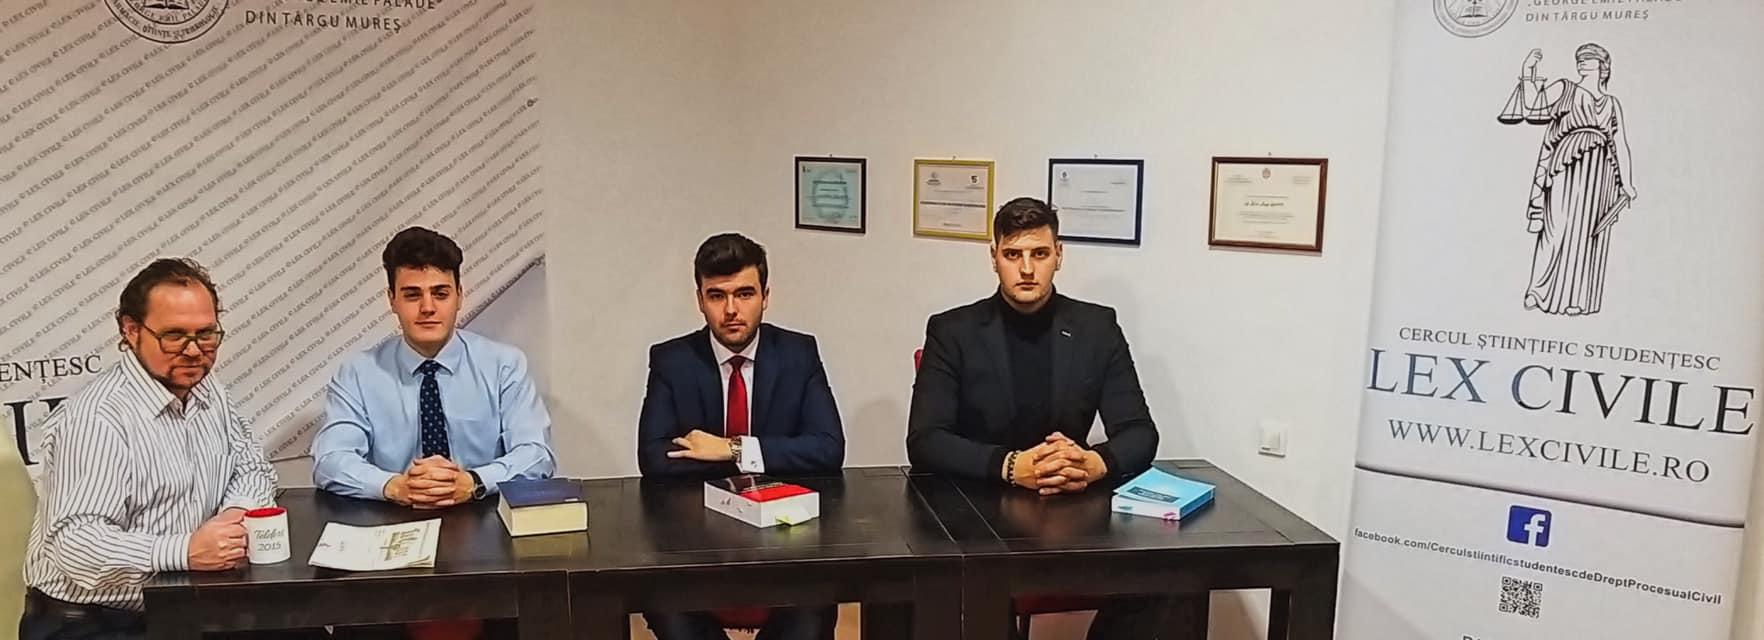 """UMFST """"George Emil Palade"""" din Târgu Mureș, reprezentată la un renumit concurs de arbitraj comercial internațional"""